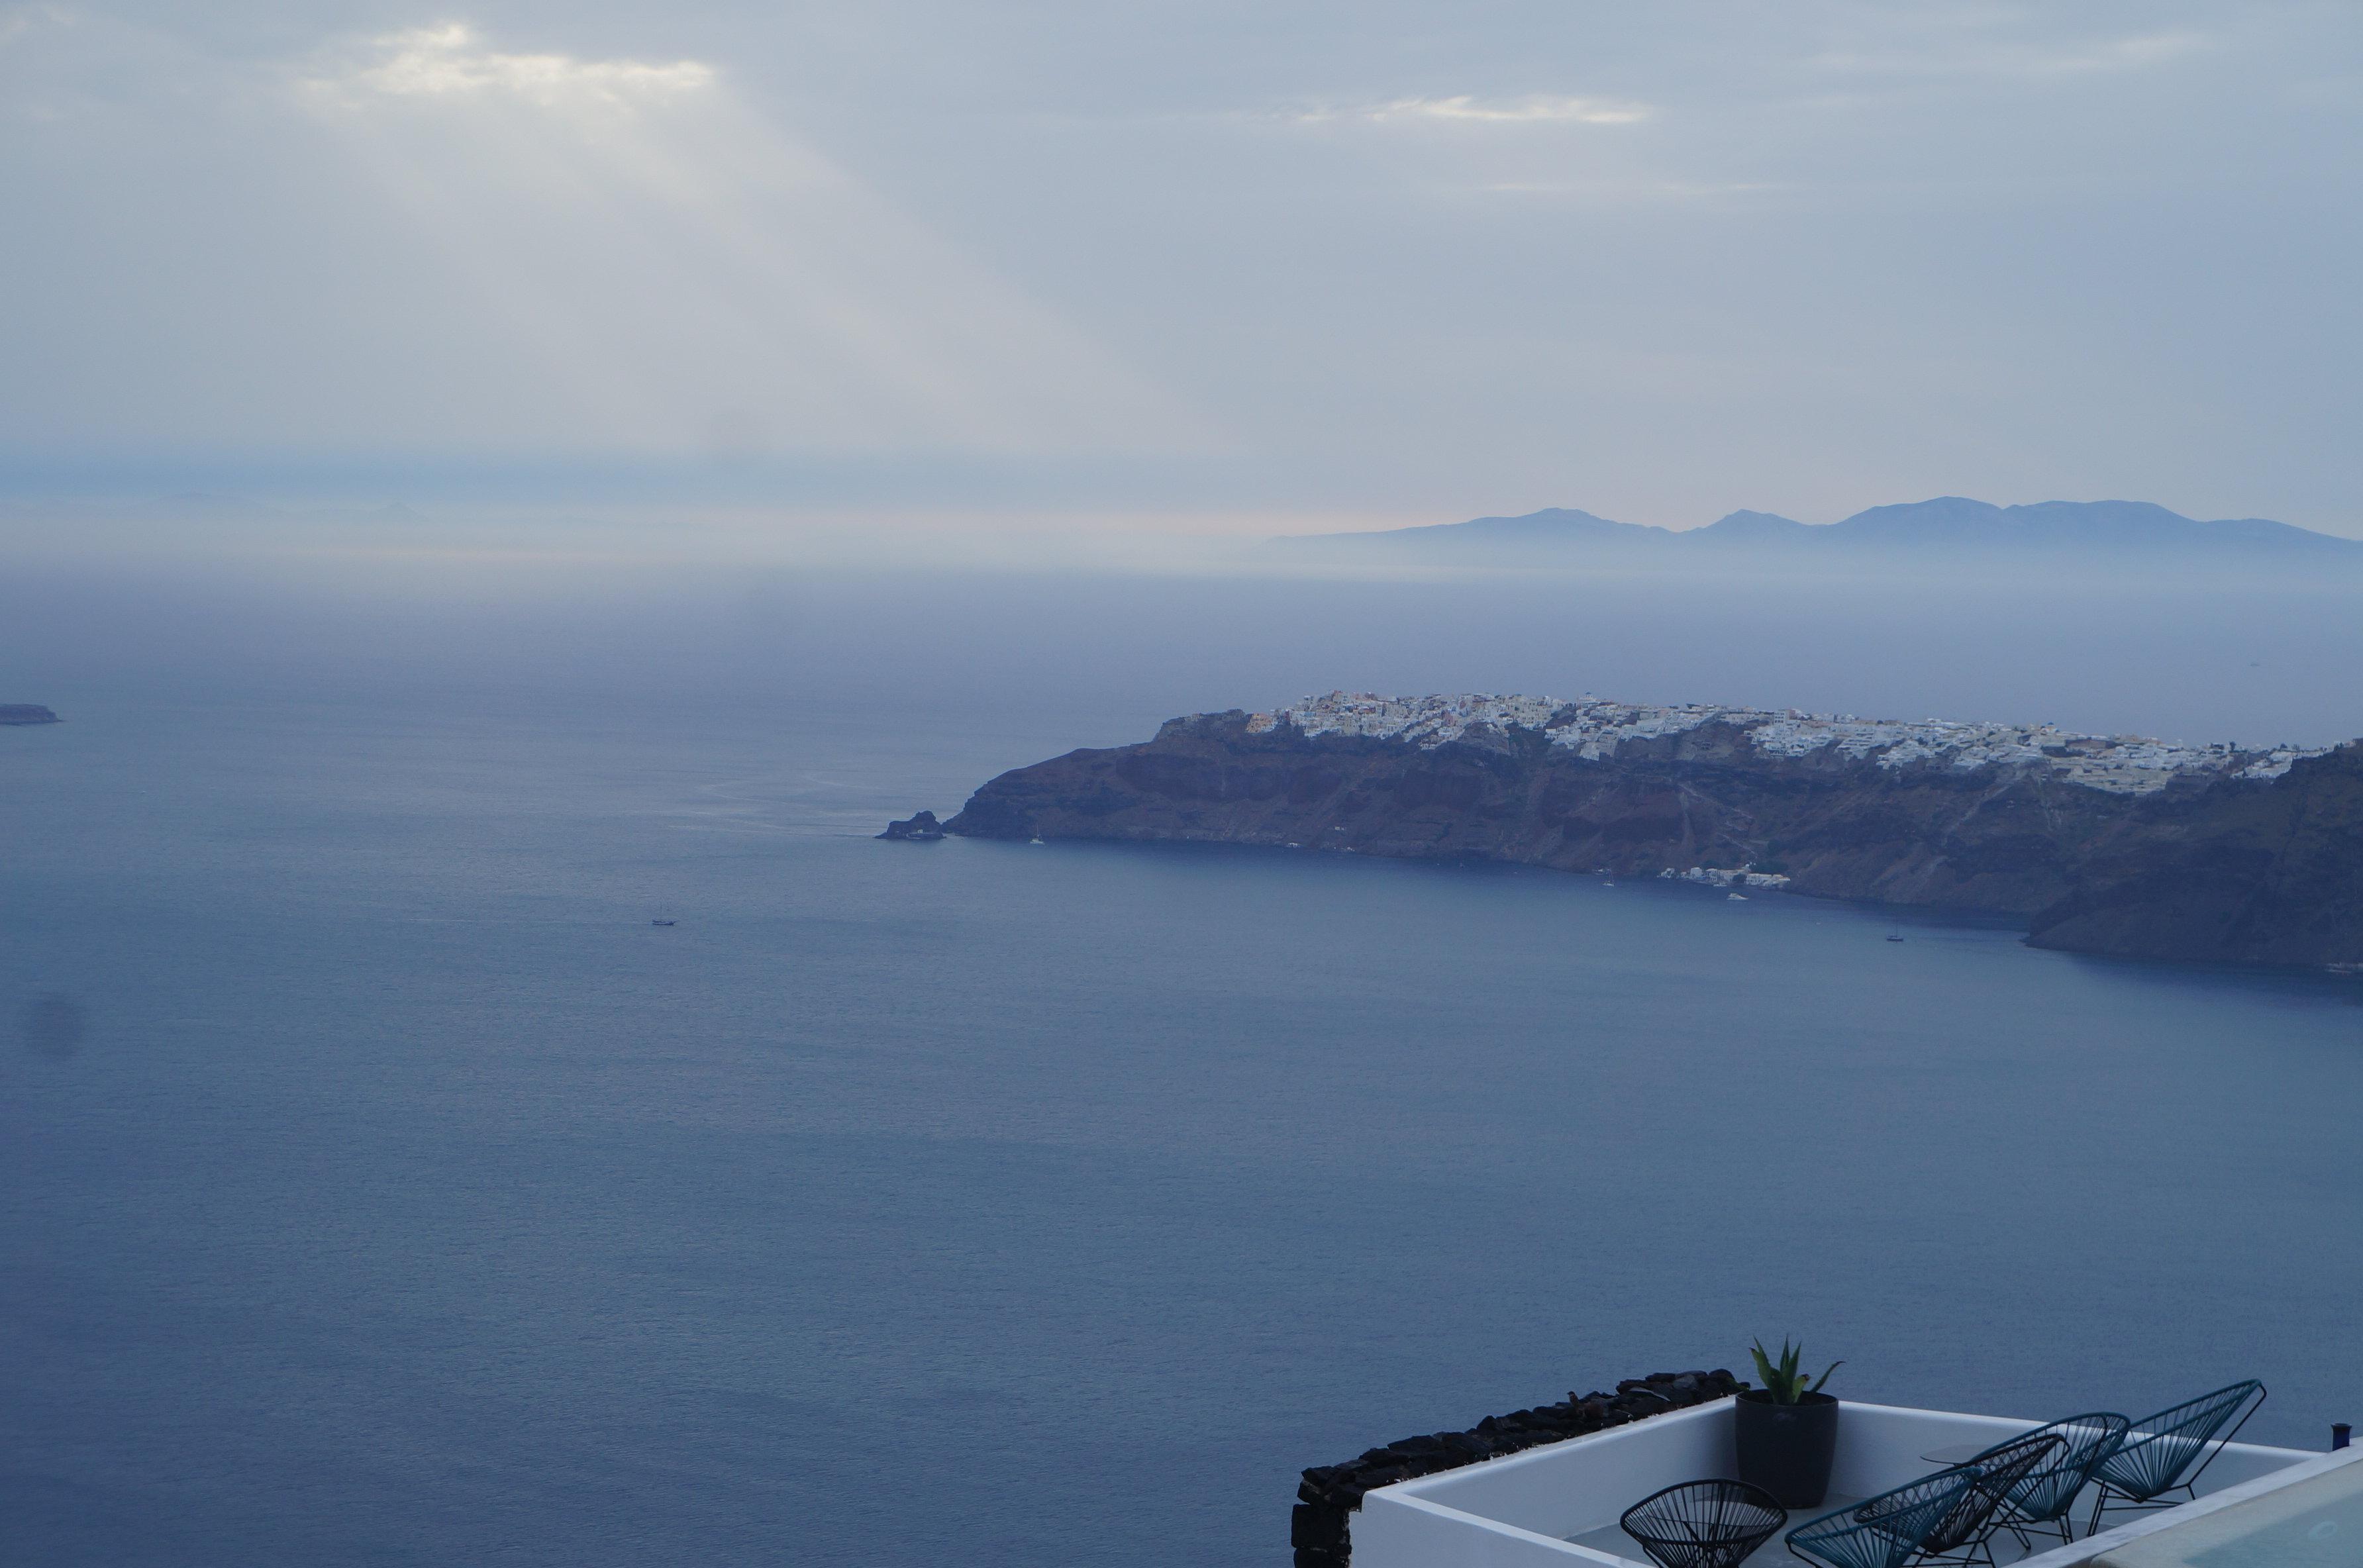 希腊雅典/圣托里尼/米克诺斯岛/梅黛奥拉十一日自由